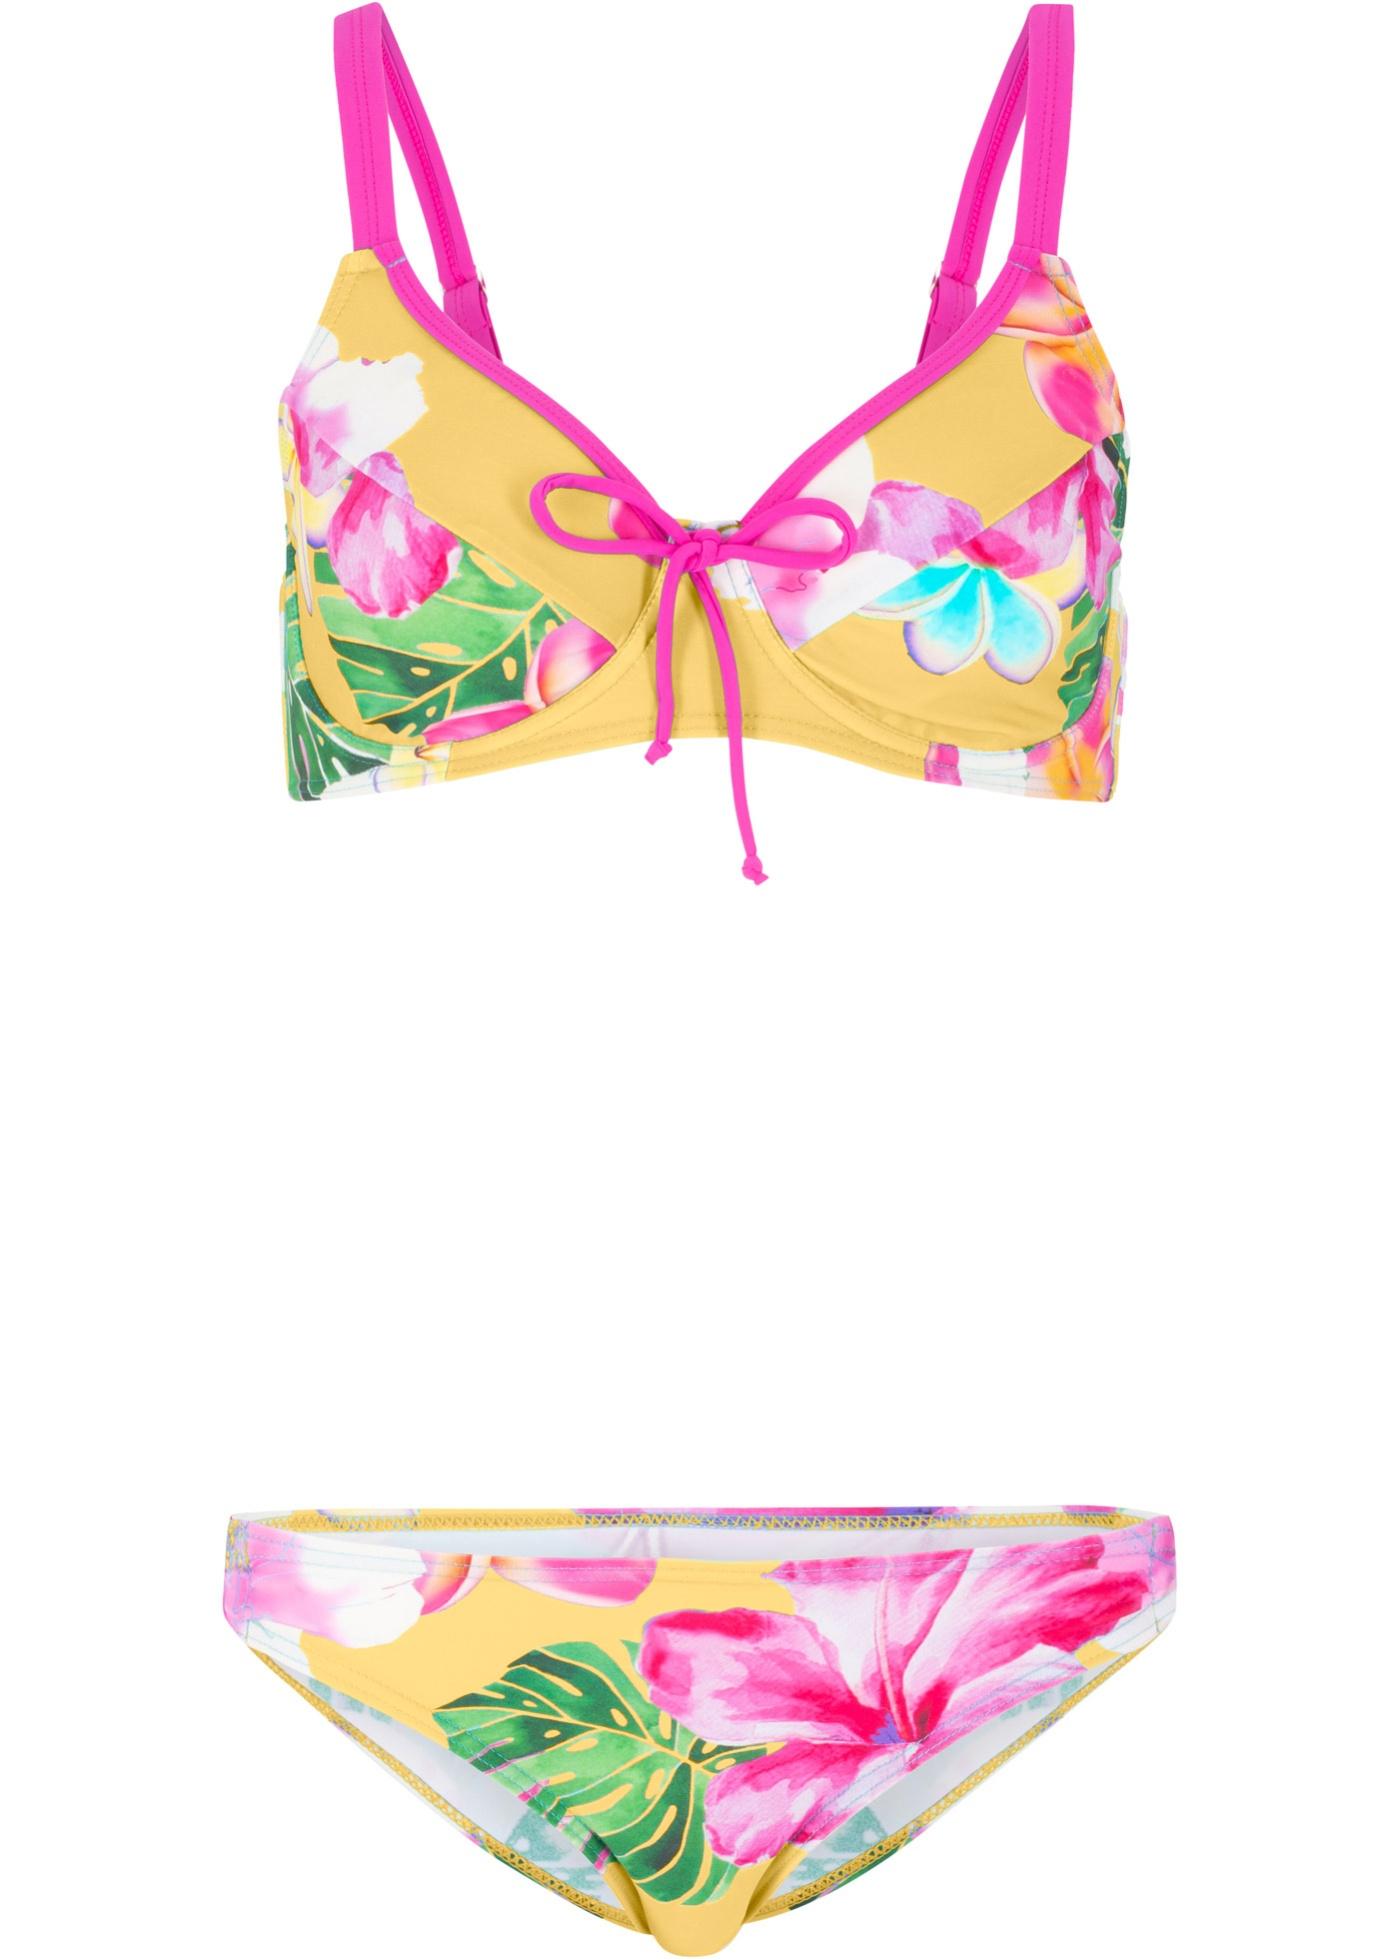 Bikini minimiseur à armatures (Ens. 2 pces.)